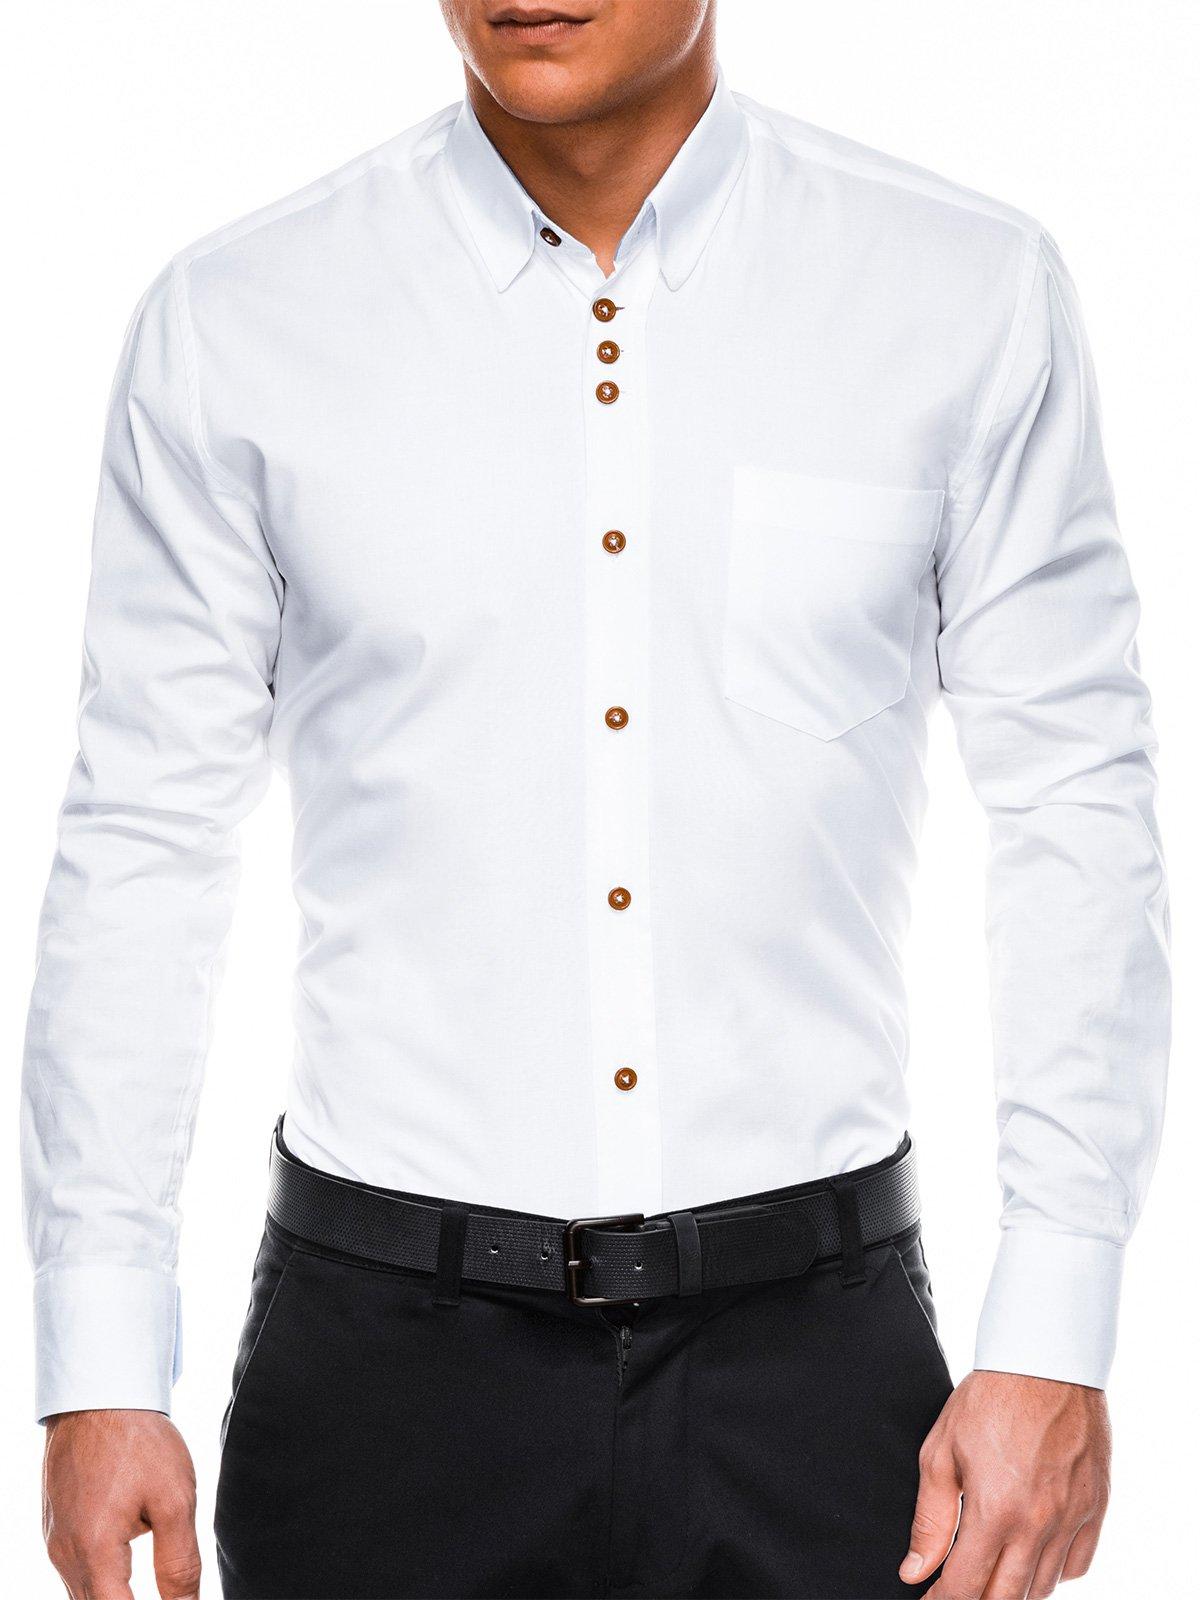 2da1c40e541da93 Мужская рубашка элегантная с длинным рукавом K302 - белая белый ...